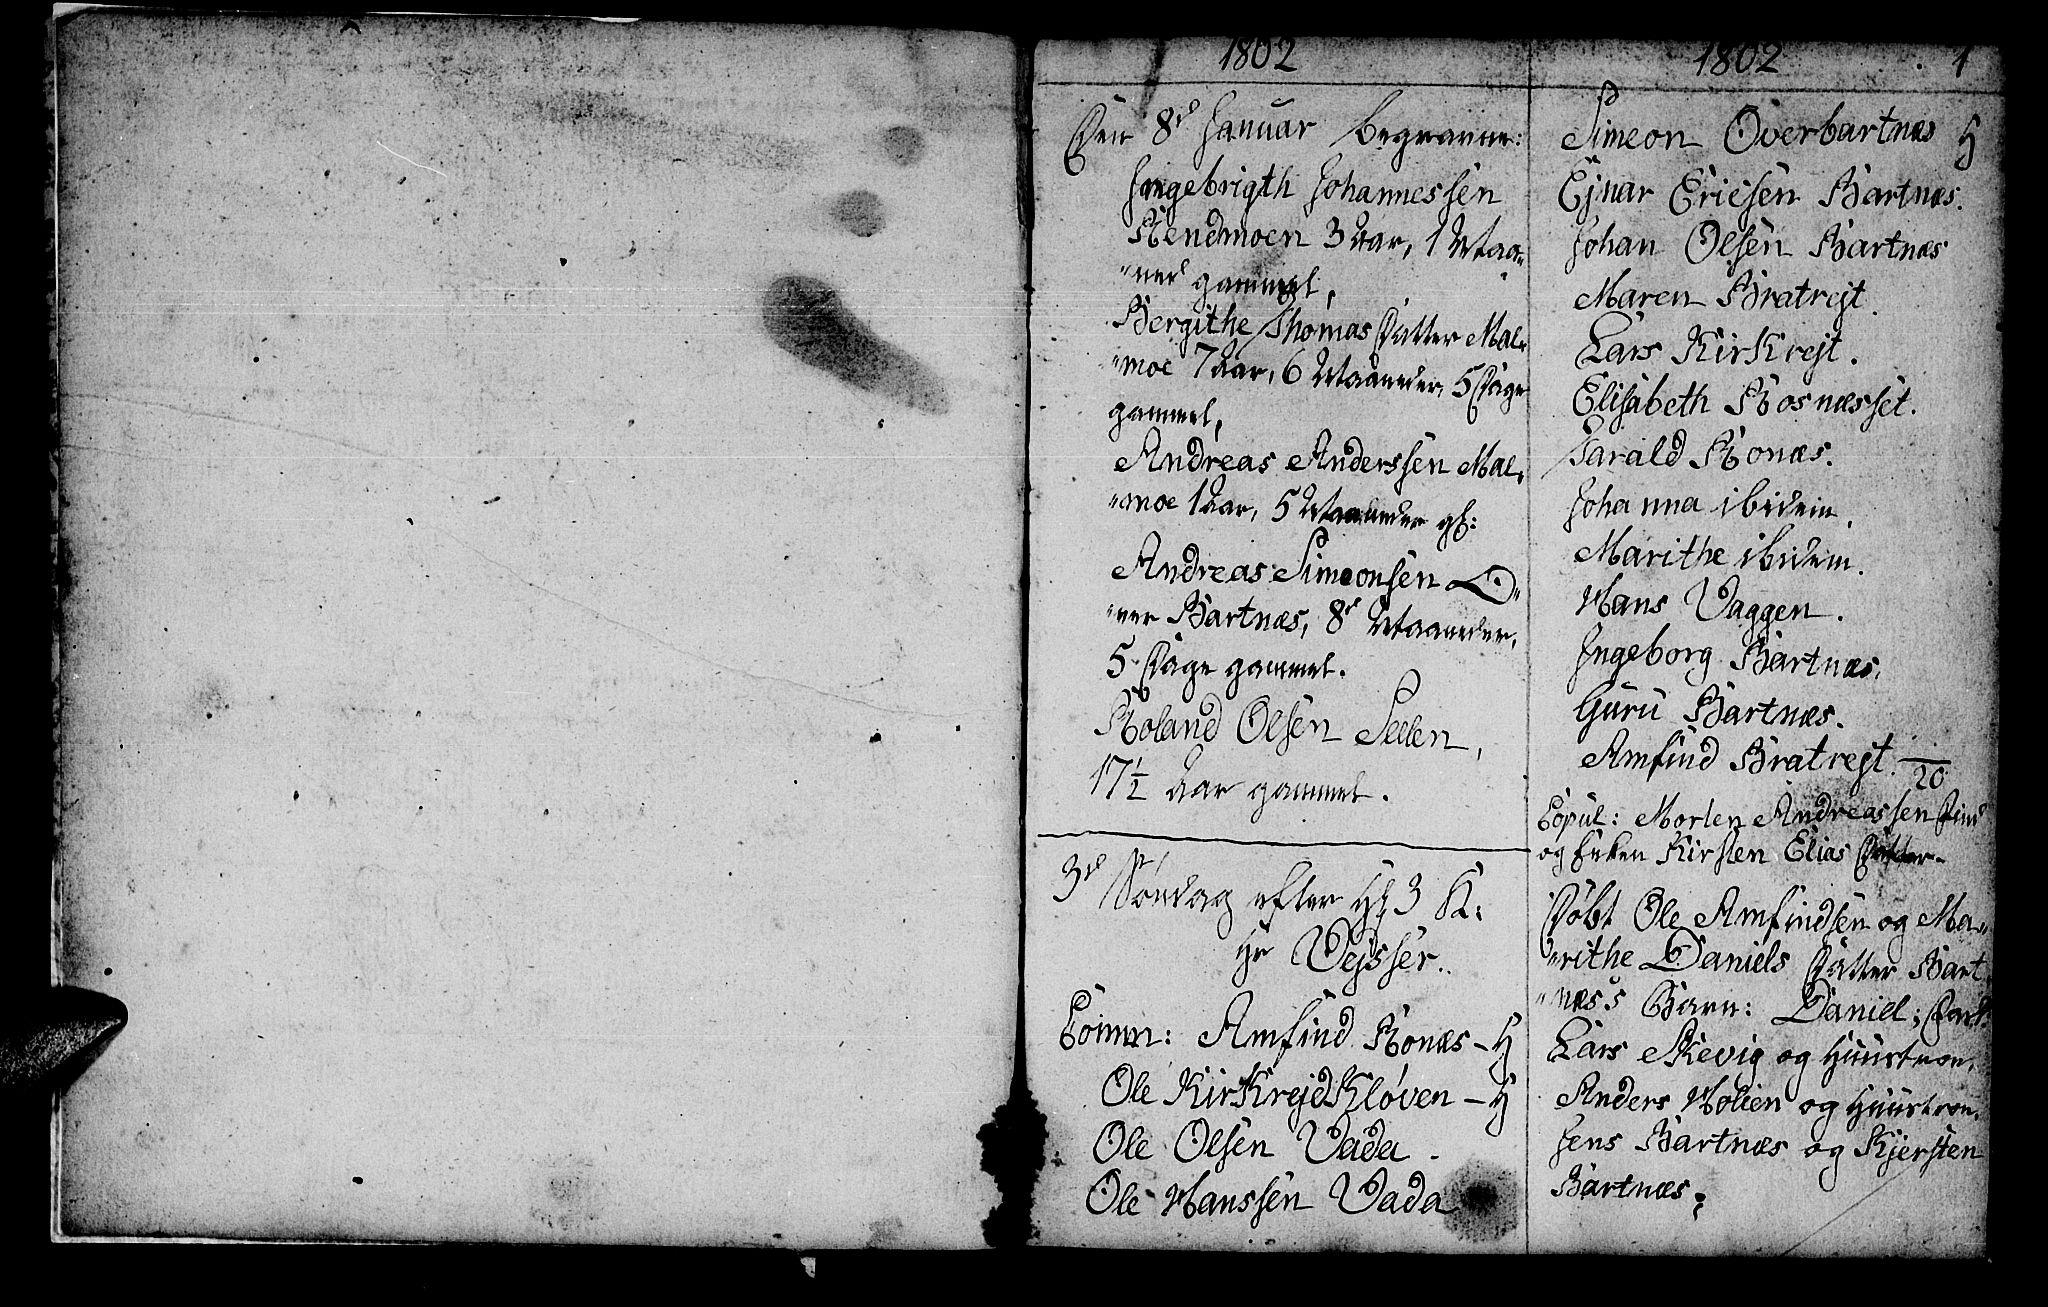 SAT, Ministerialprotokoller, klokkerbøker og fødselsregistre - Nord-Trøndelag, 745/L0432: Klokkerbok nr. 745C01, 1802-1814, s. 0-1